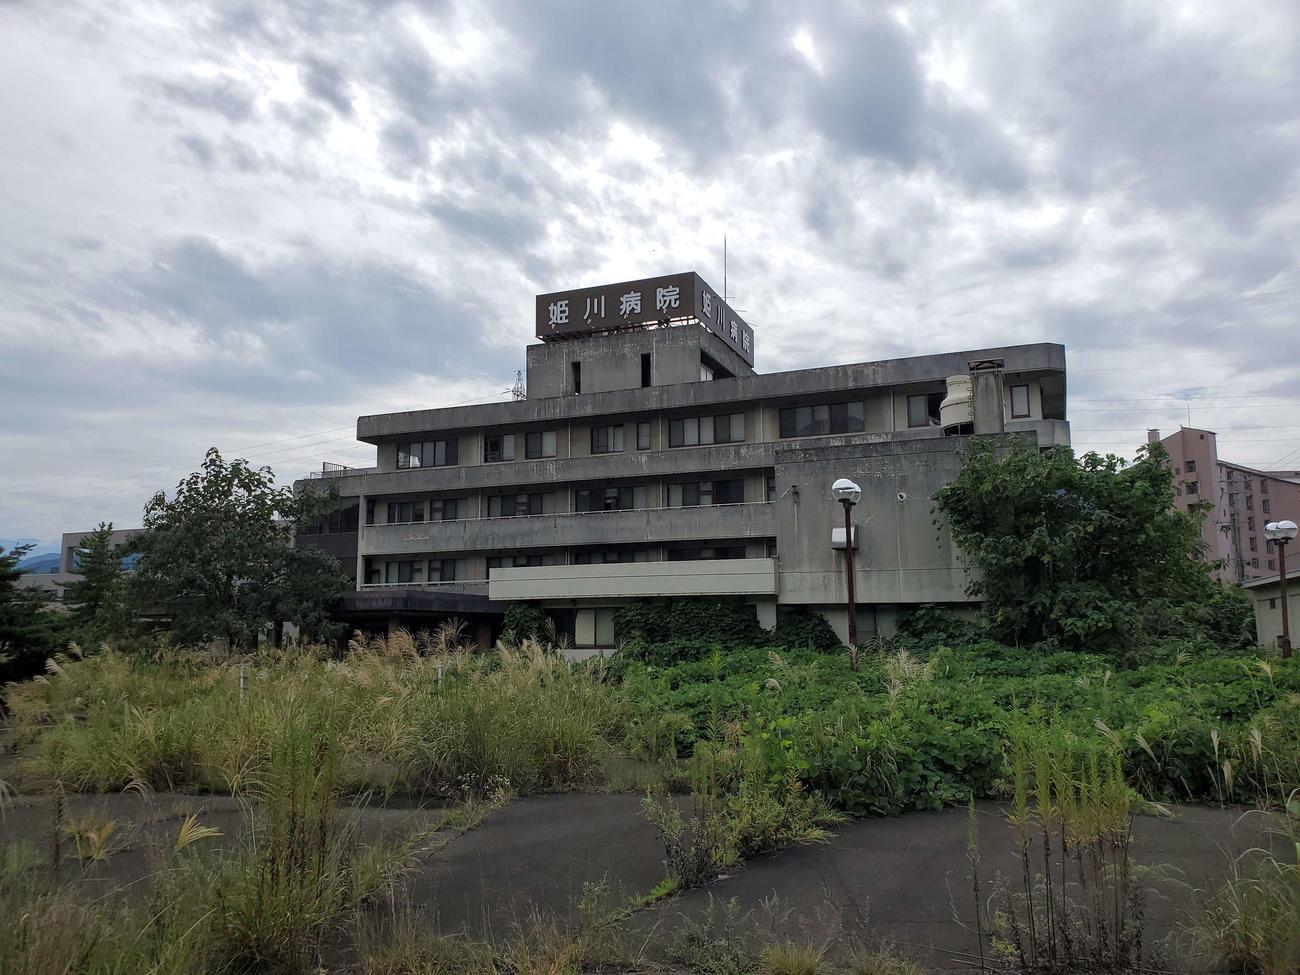 〈8〉道路をはさんだところに今は廃業している病院があった